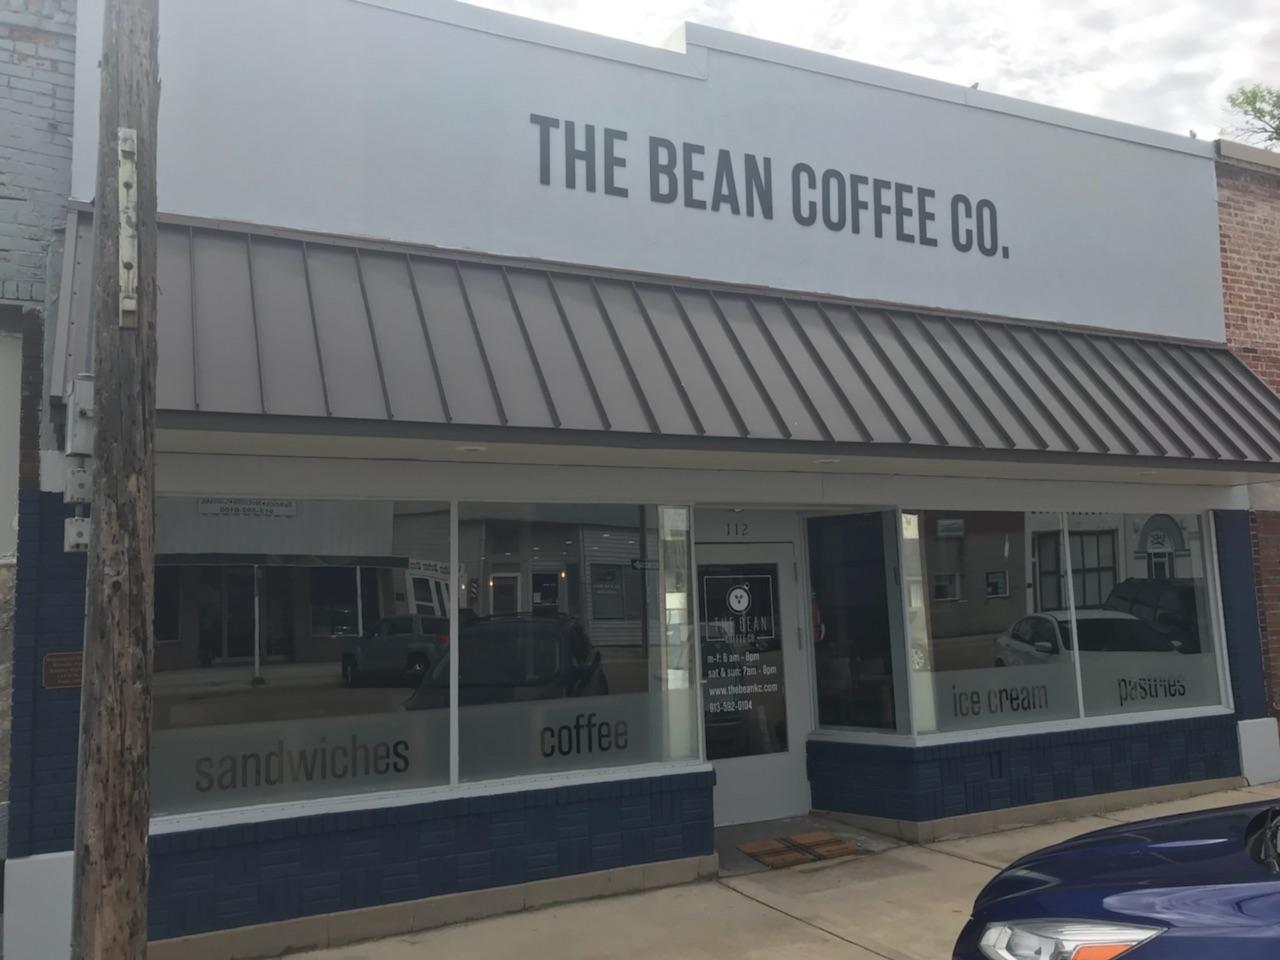 The Bean Coffee Co.